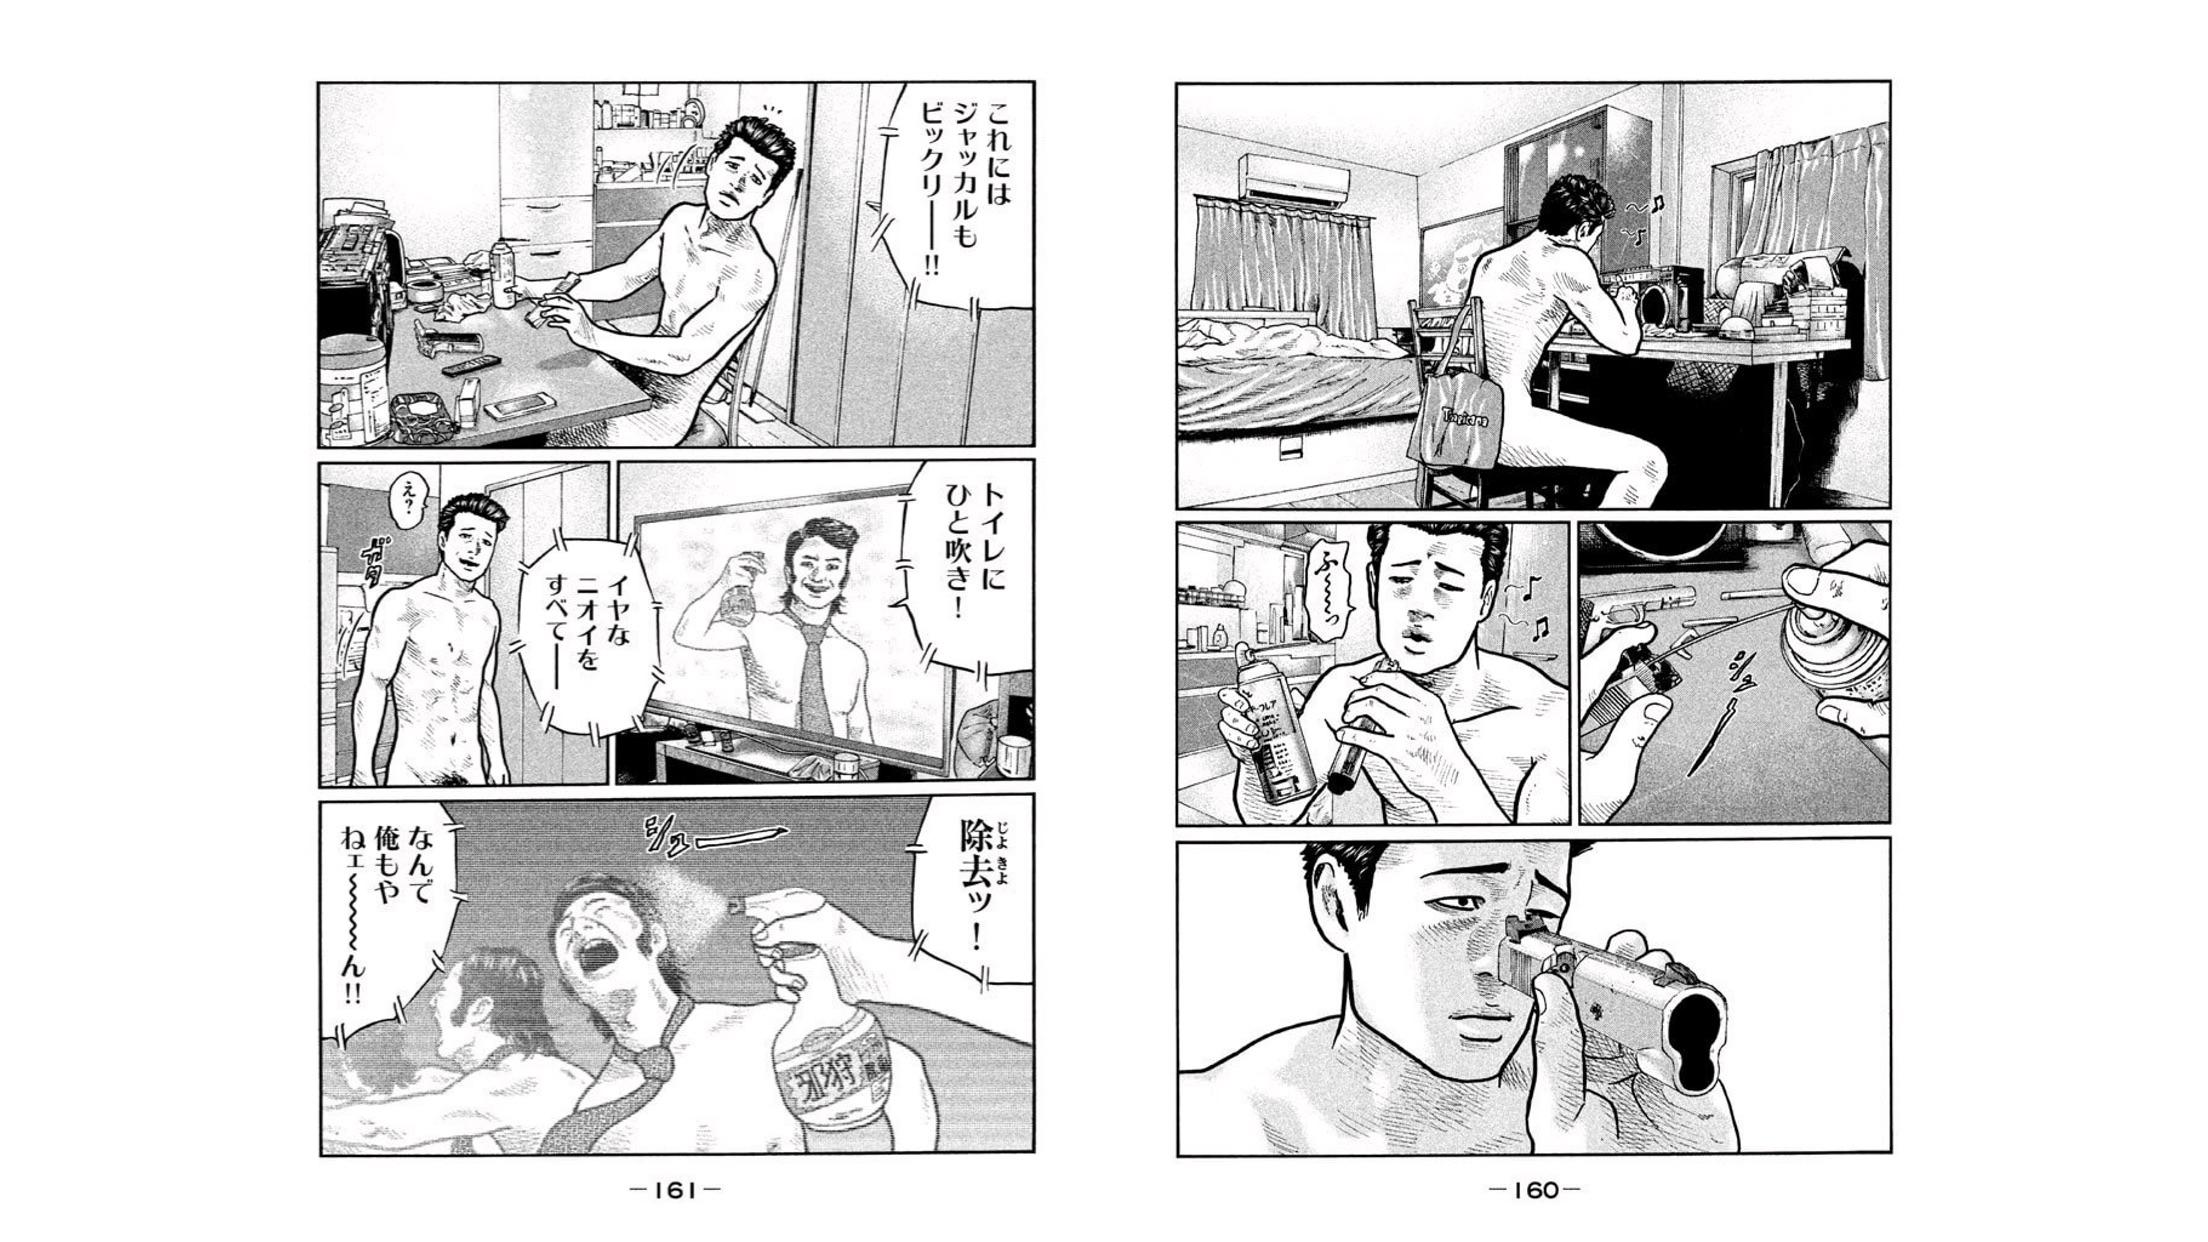 ザ・ファブル(1)第6話「ジャッカル」p160-161,南勝久(著/文)発行:講談社